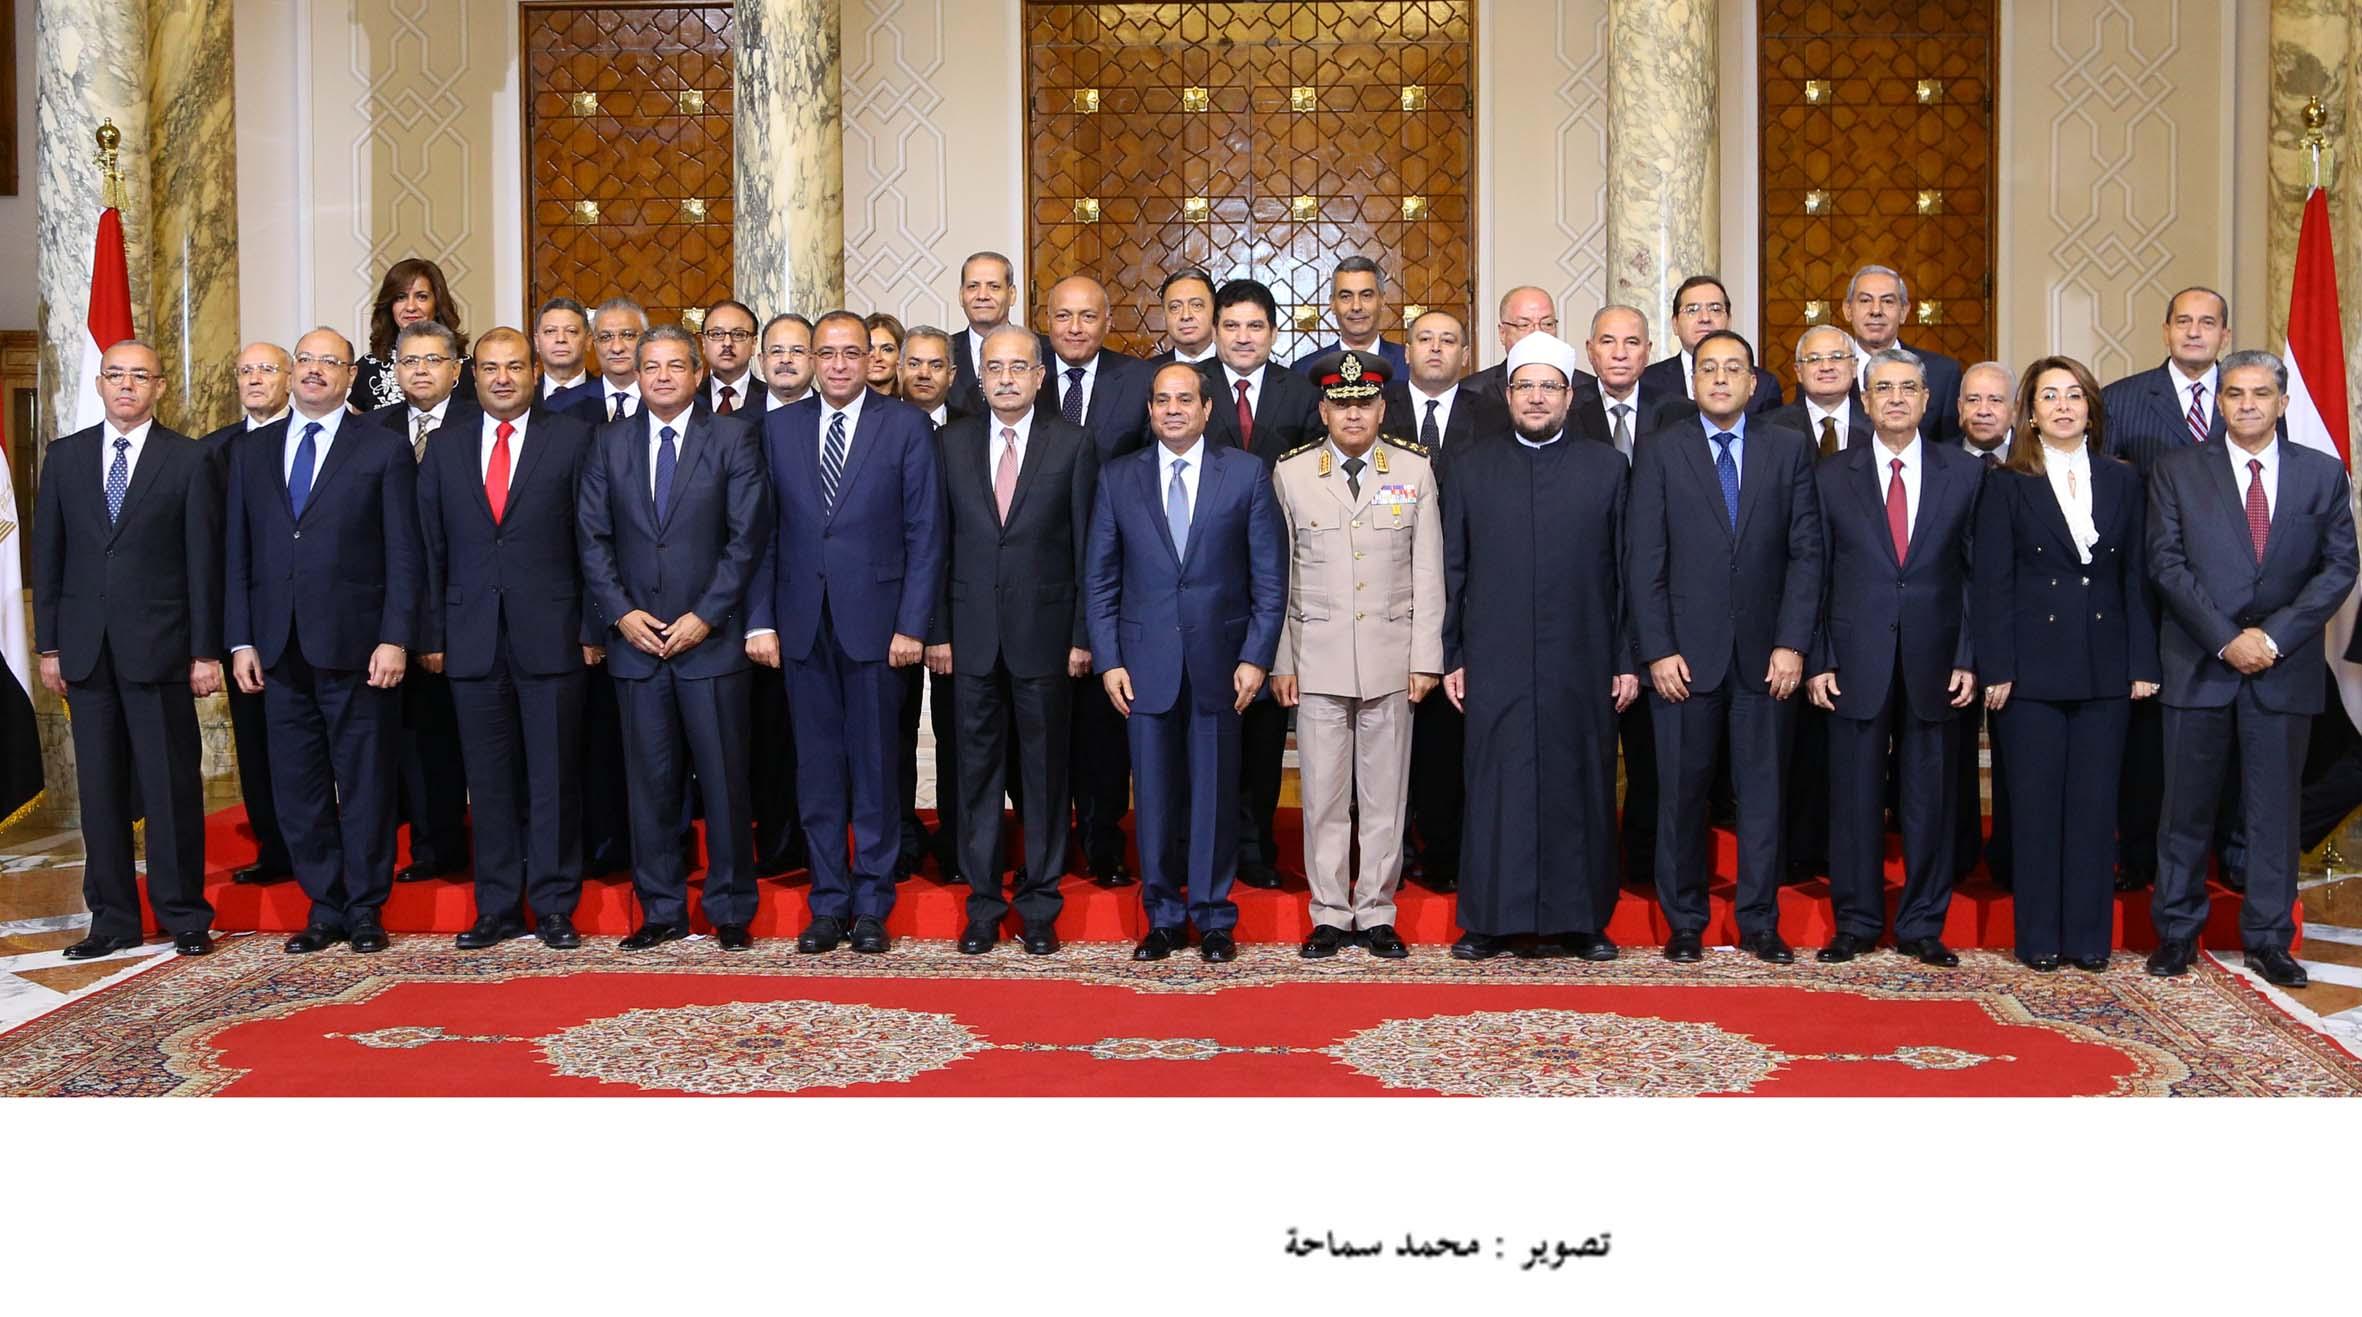 المكتب الإعلامي المصري:  بيان الحكومة يعزز مسار الإصلاحات في مصر